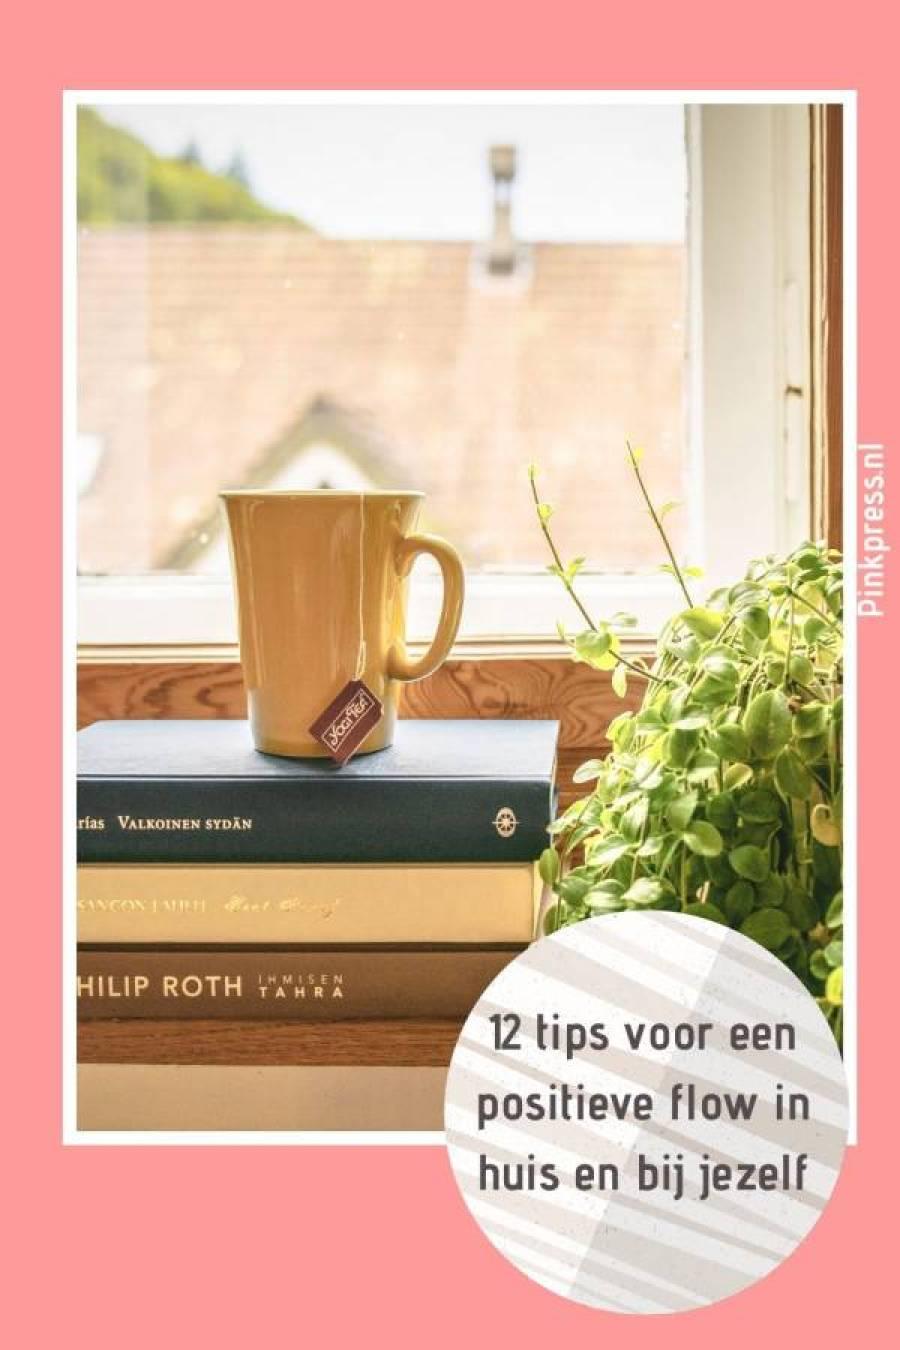 12 tips voor een positieve flow - 12 Tips voor een positieve flow in huis en bij jezelf